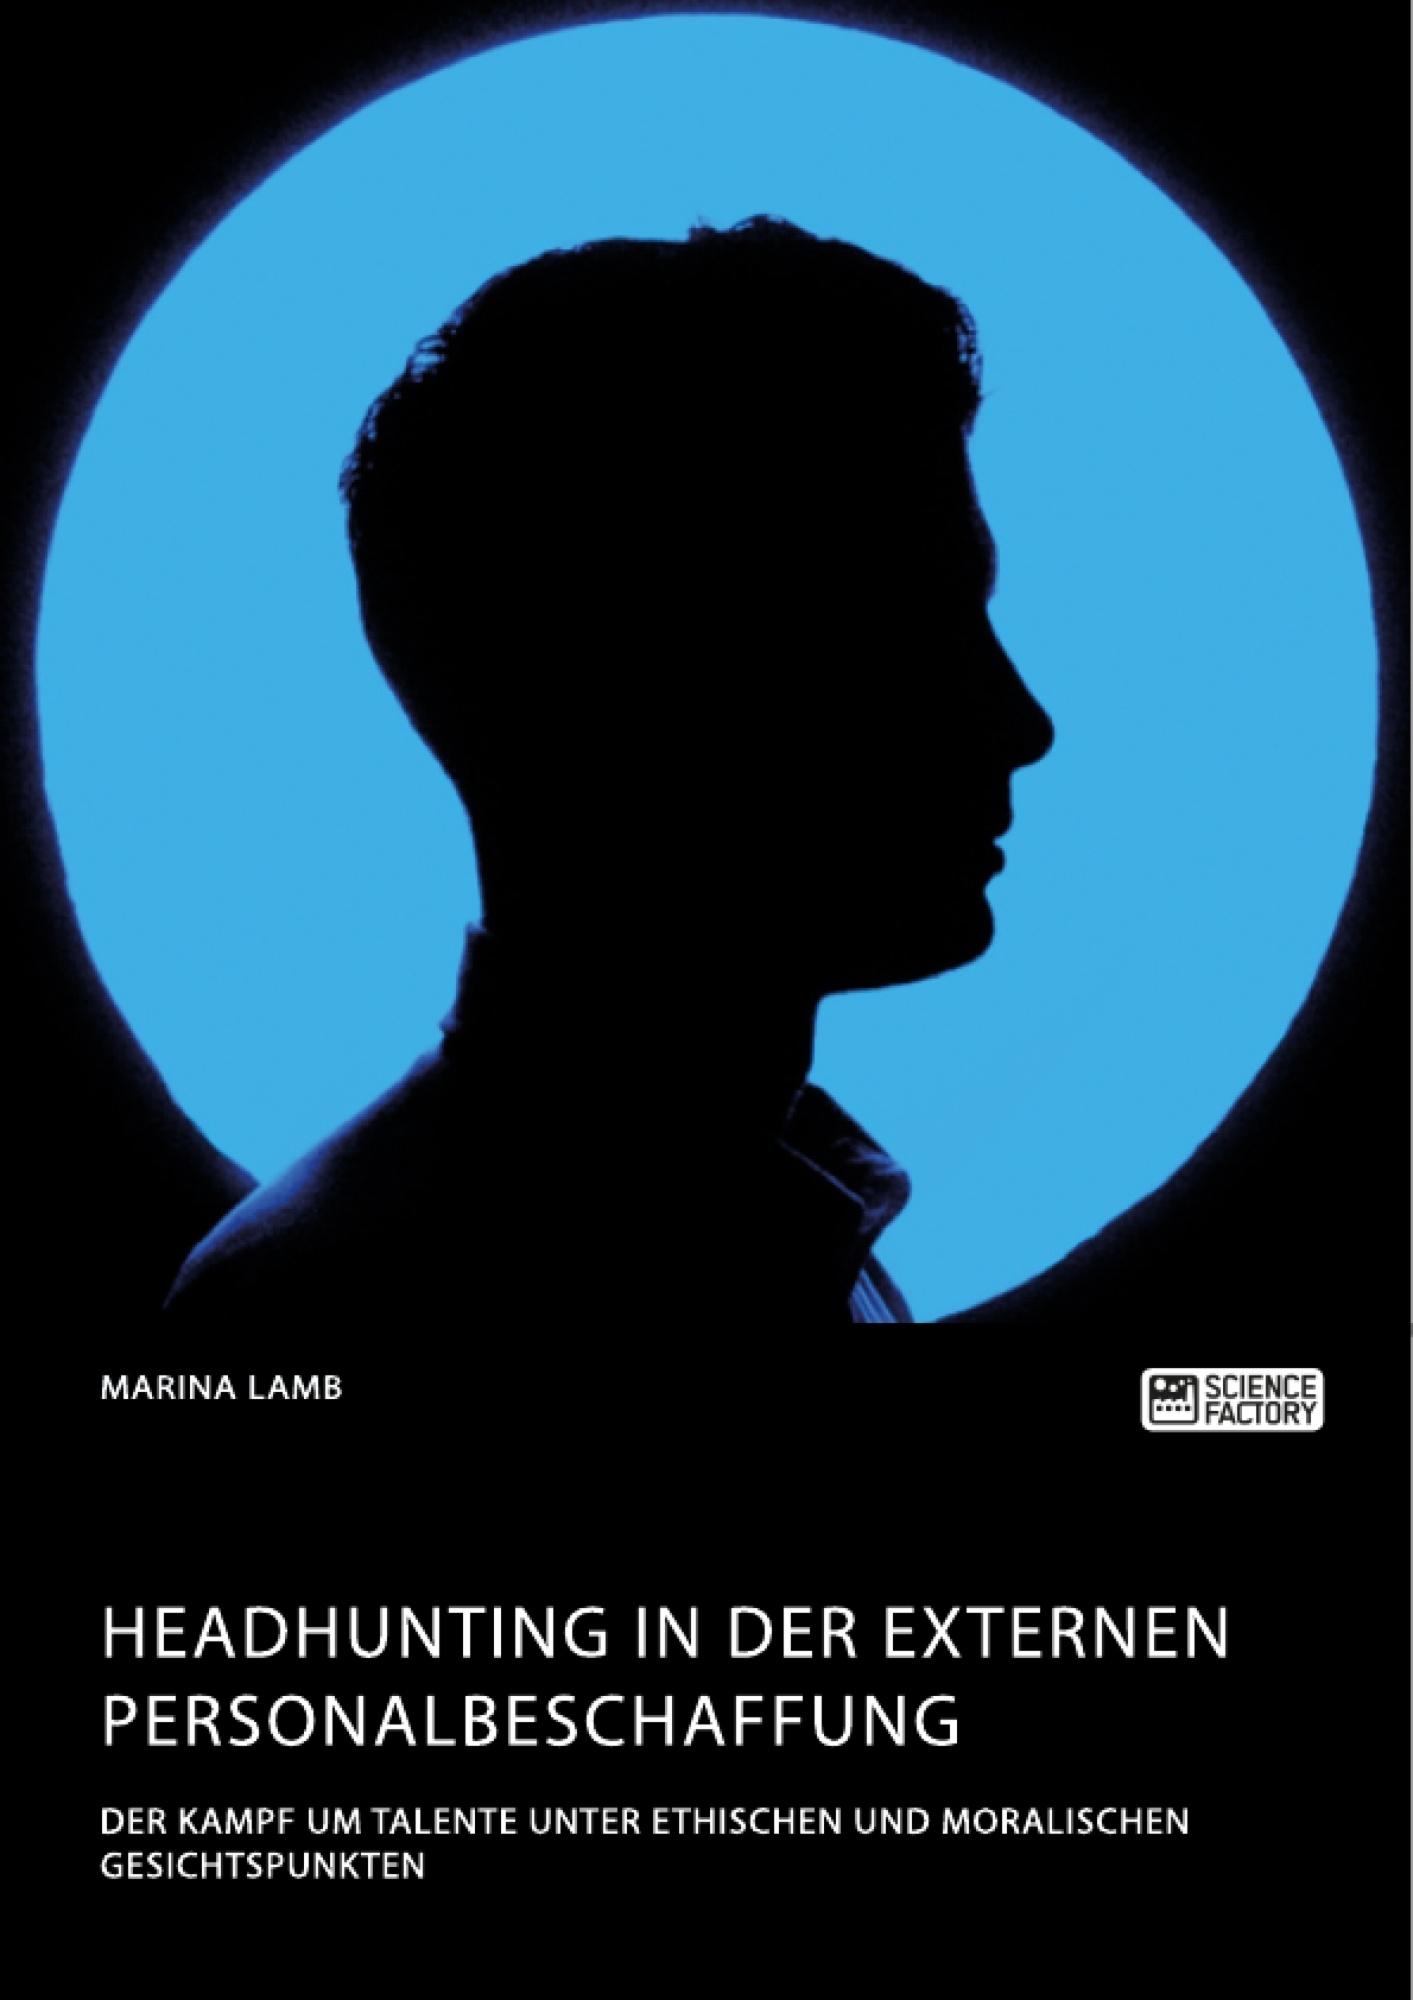 Titel: Headhunting in der externen Personalbeschaffung. Der Kampf um Talente unter ethischen und moralischen Gesichtspunkten